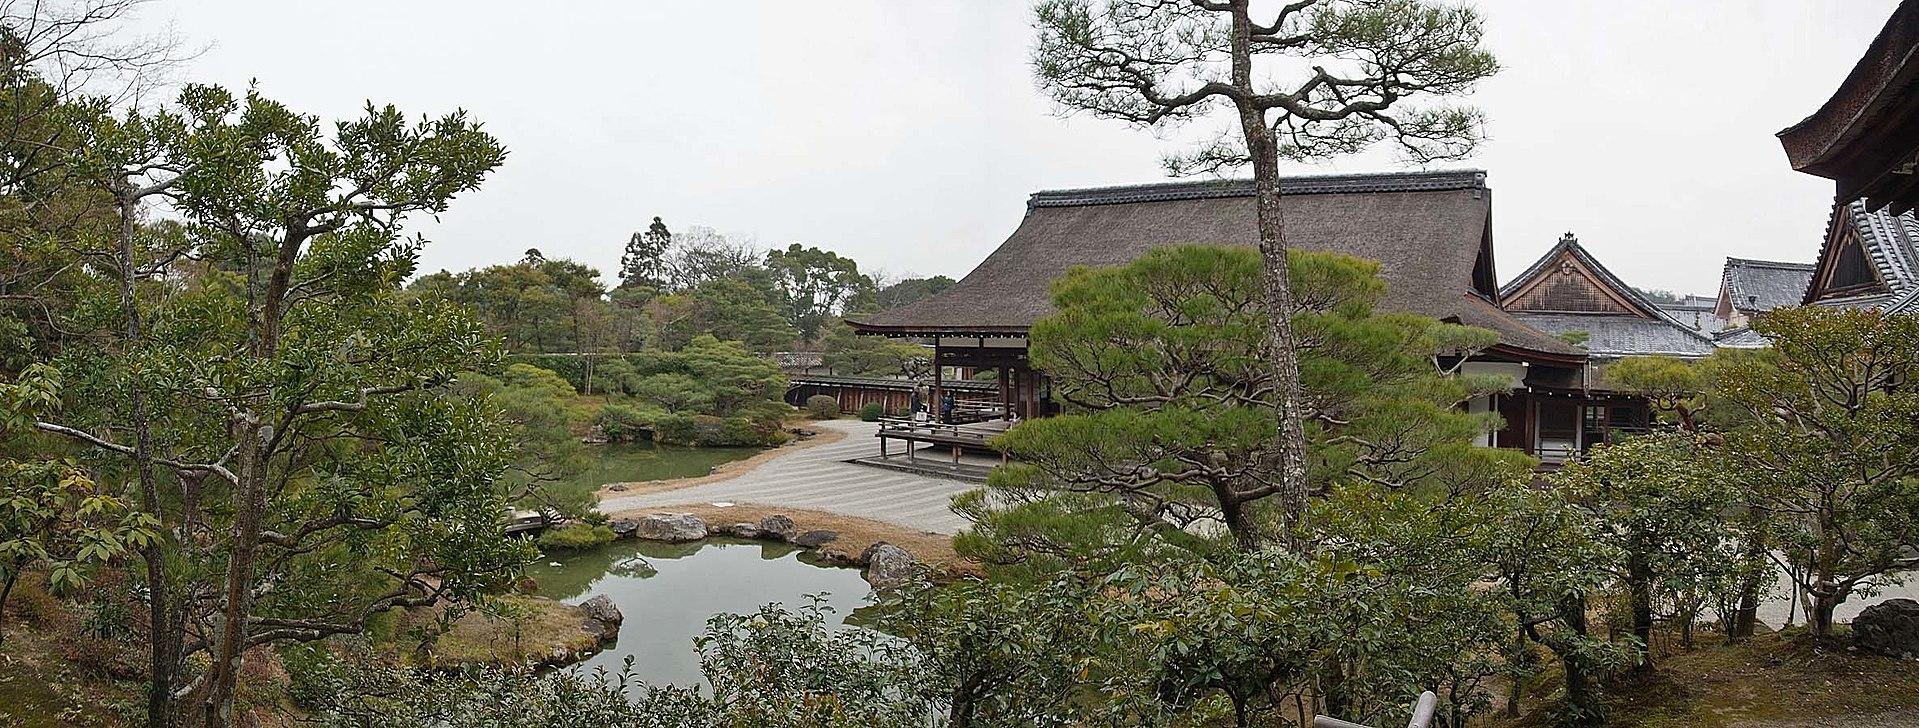 1920px-Ninna-ji_,_仁和寺_-_panoramio_(6).jpg